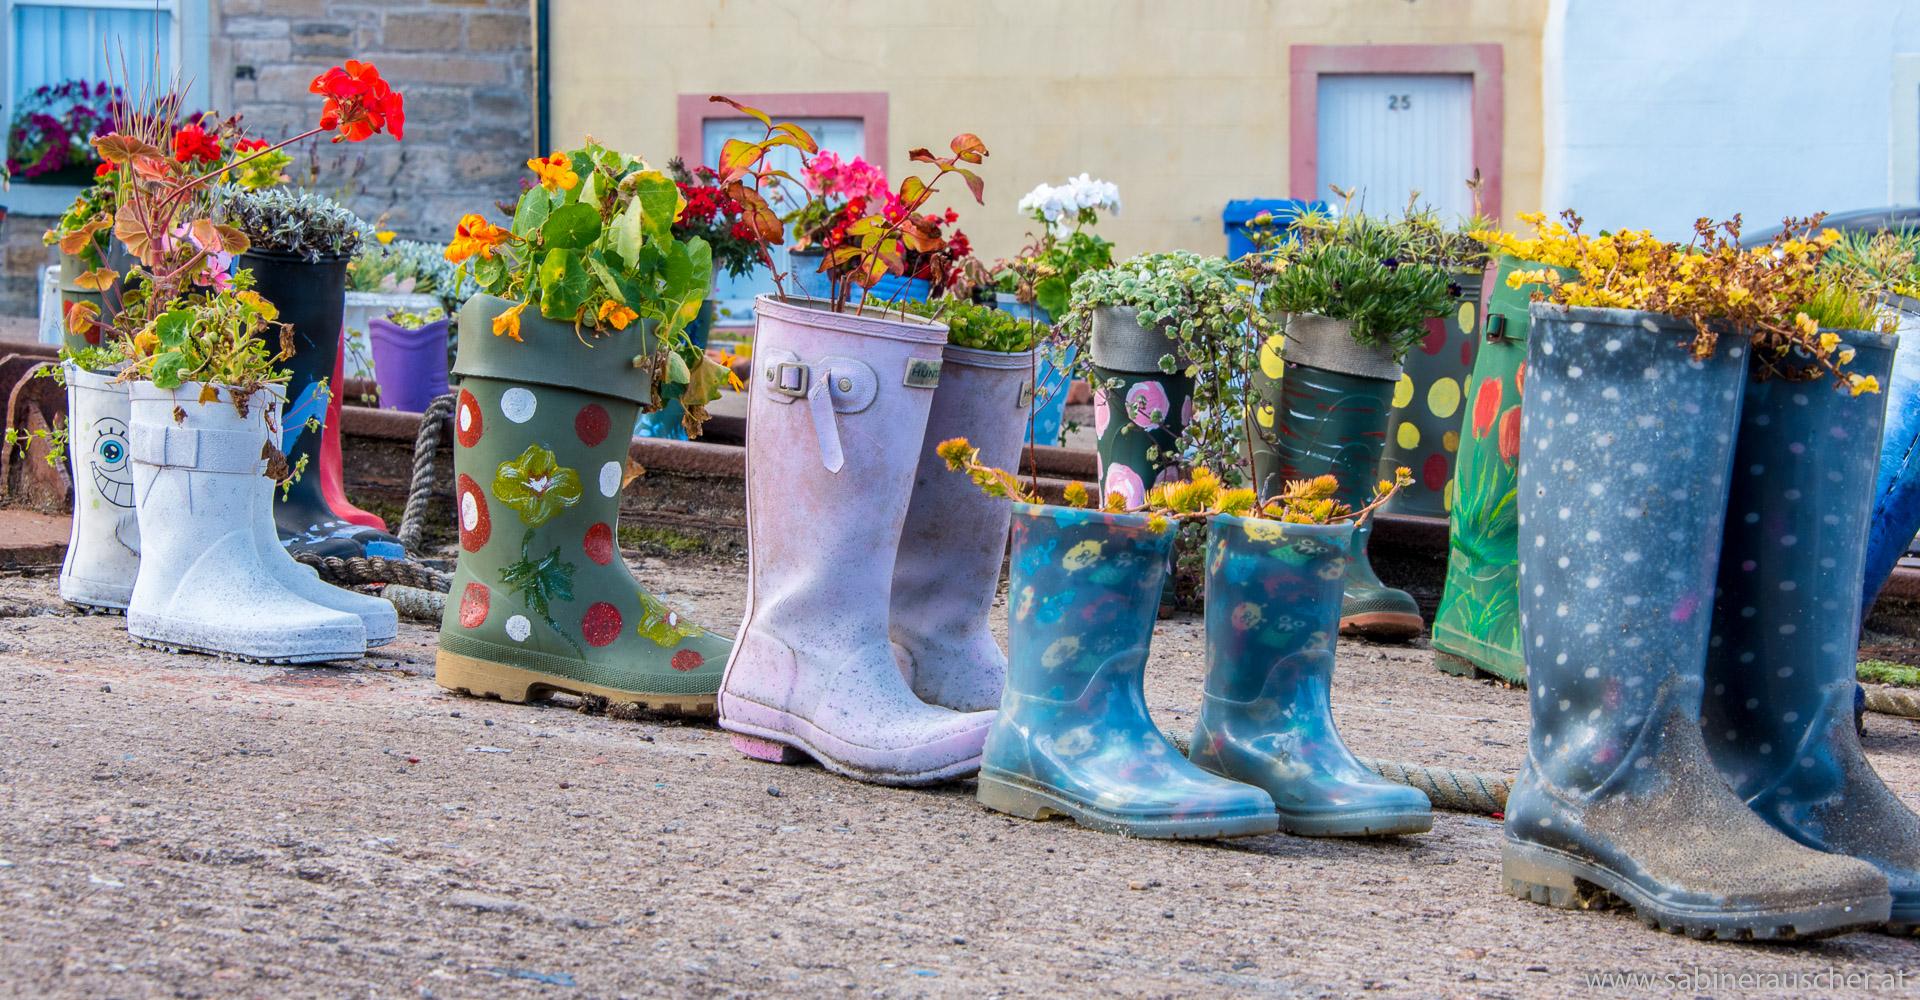 planted wellies at St. Monans Harbour at East Neuk, Scotland | bepflanzte Gummistiefeln im Hafen von St. Monans